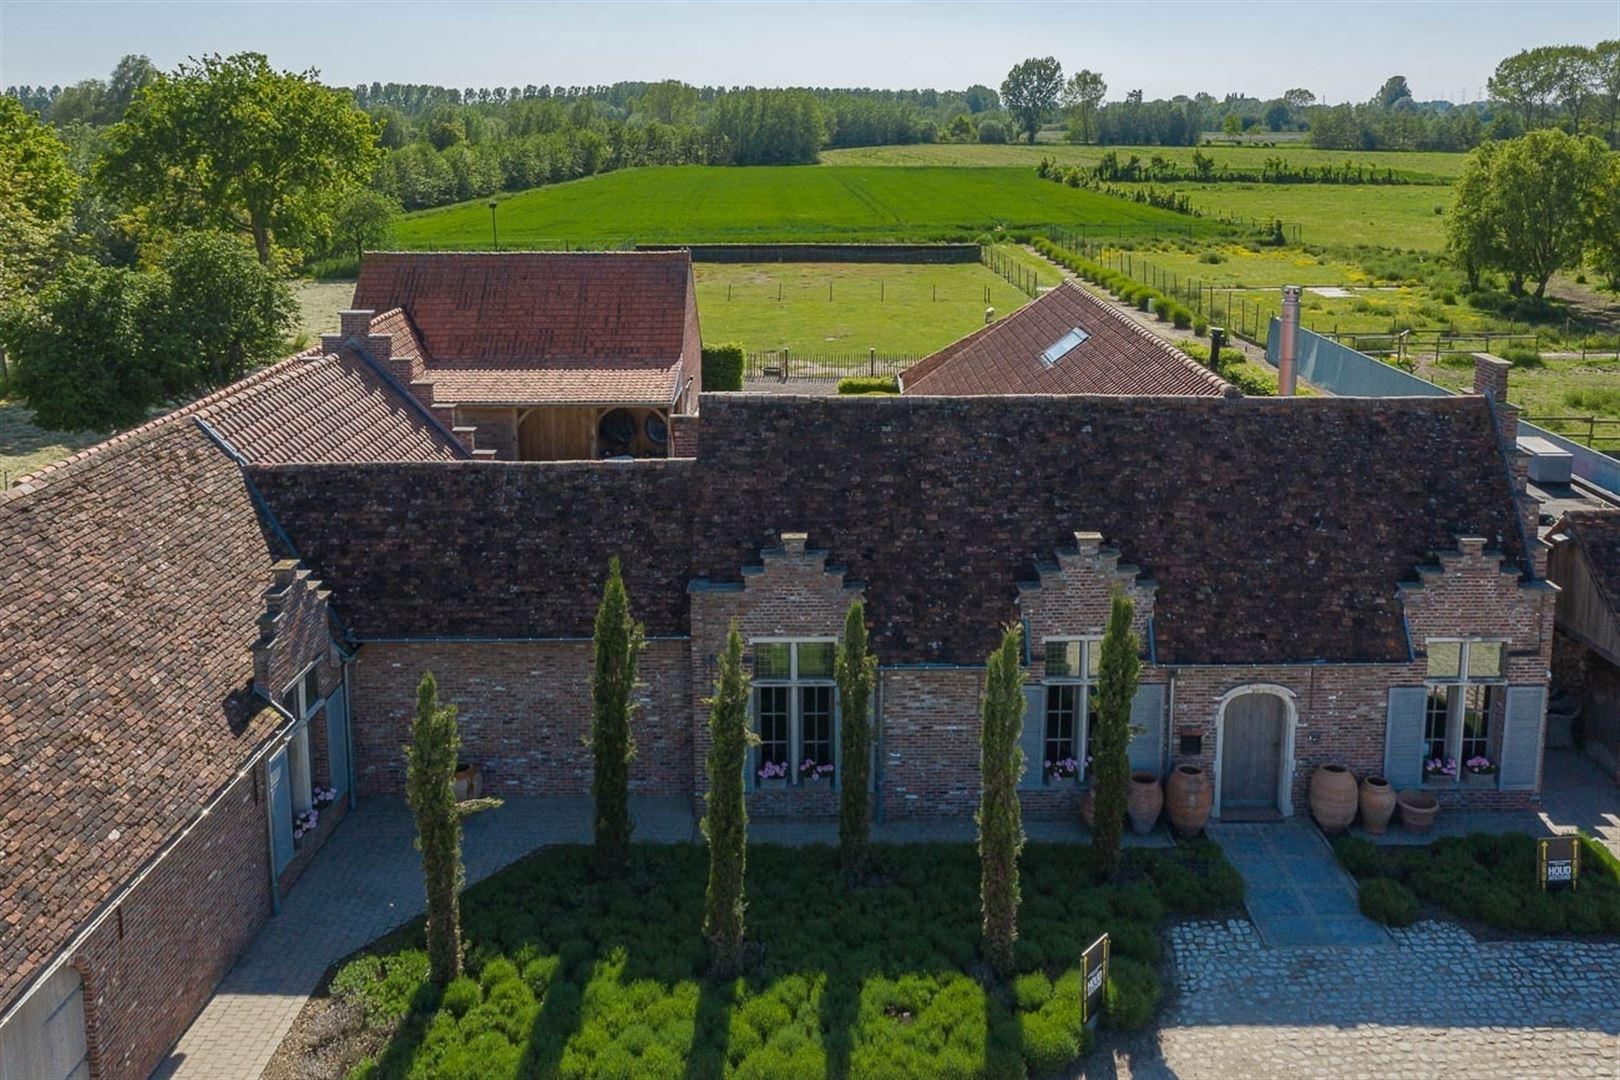 Foto 11 : Gemengd gebouw te 9160 LOKEREN (België) - Prijs € 1.400.000